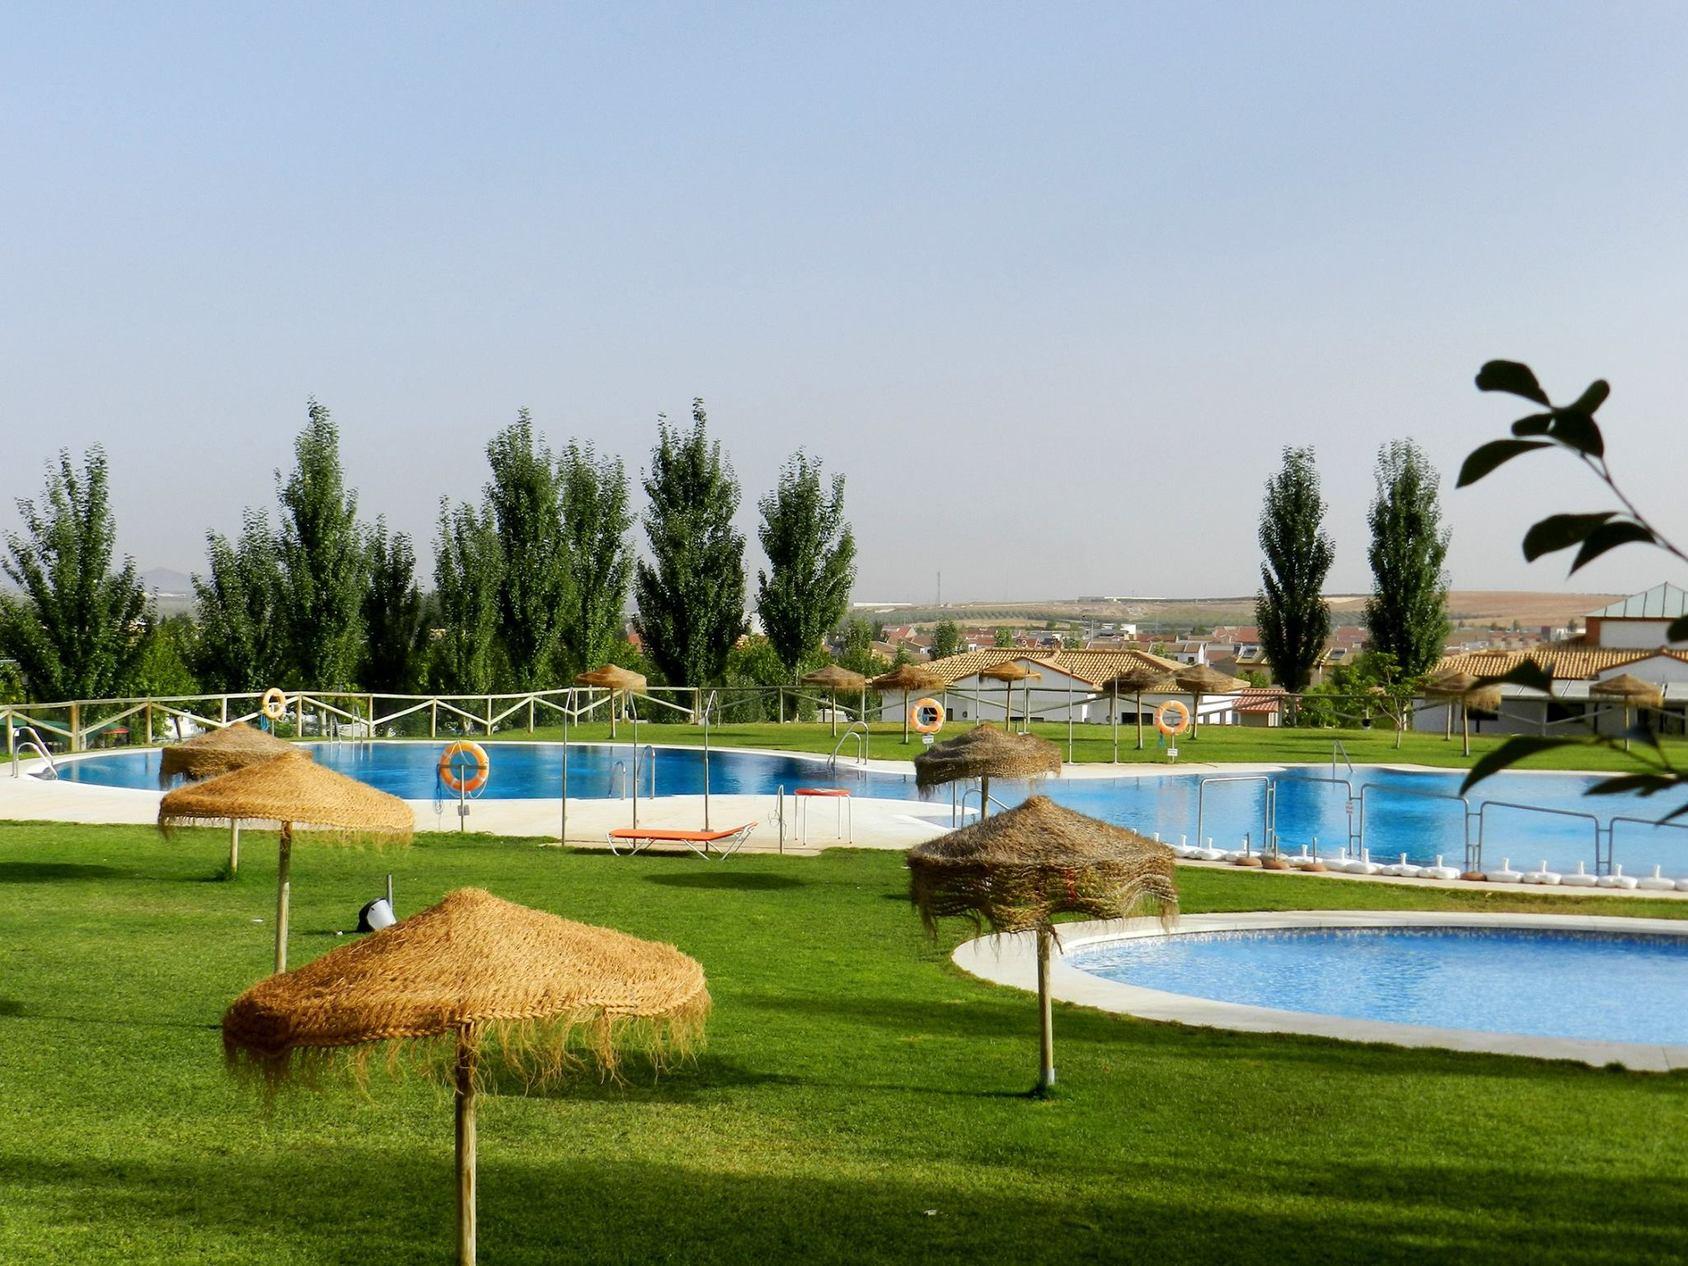 Spanje-Humilladero-Camping%20La%20Sierrecilla-ExtraLarge Campings Spanje